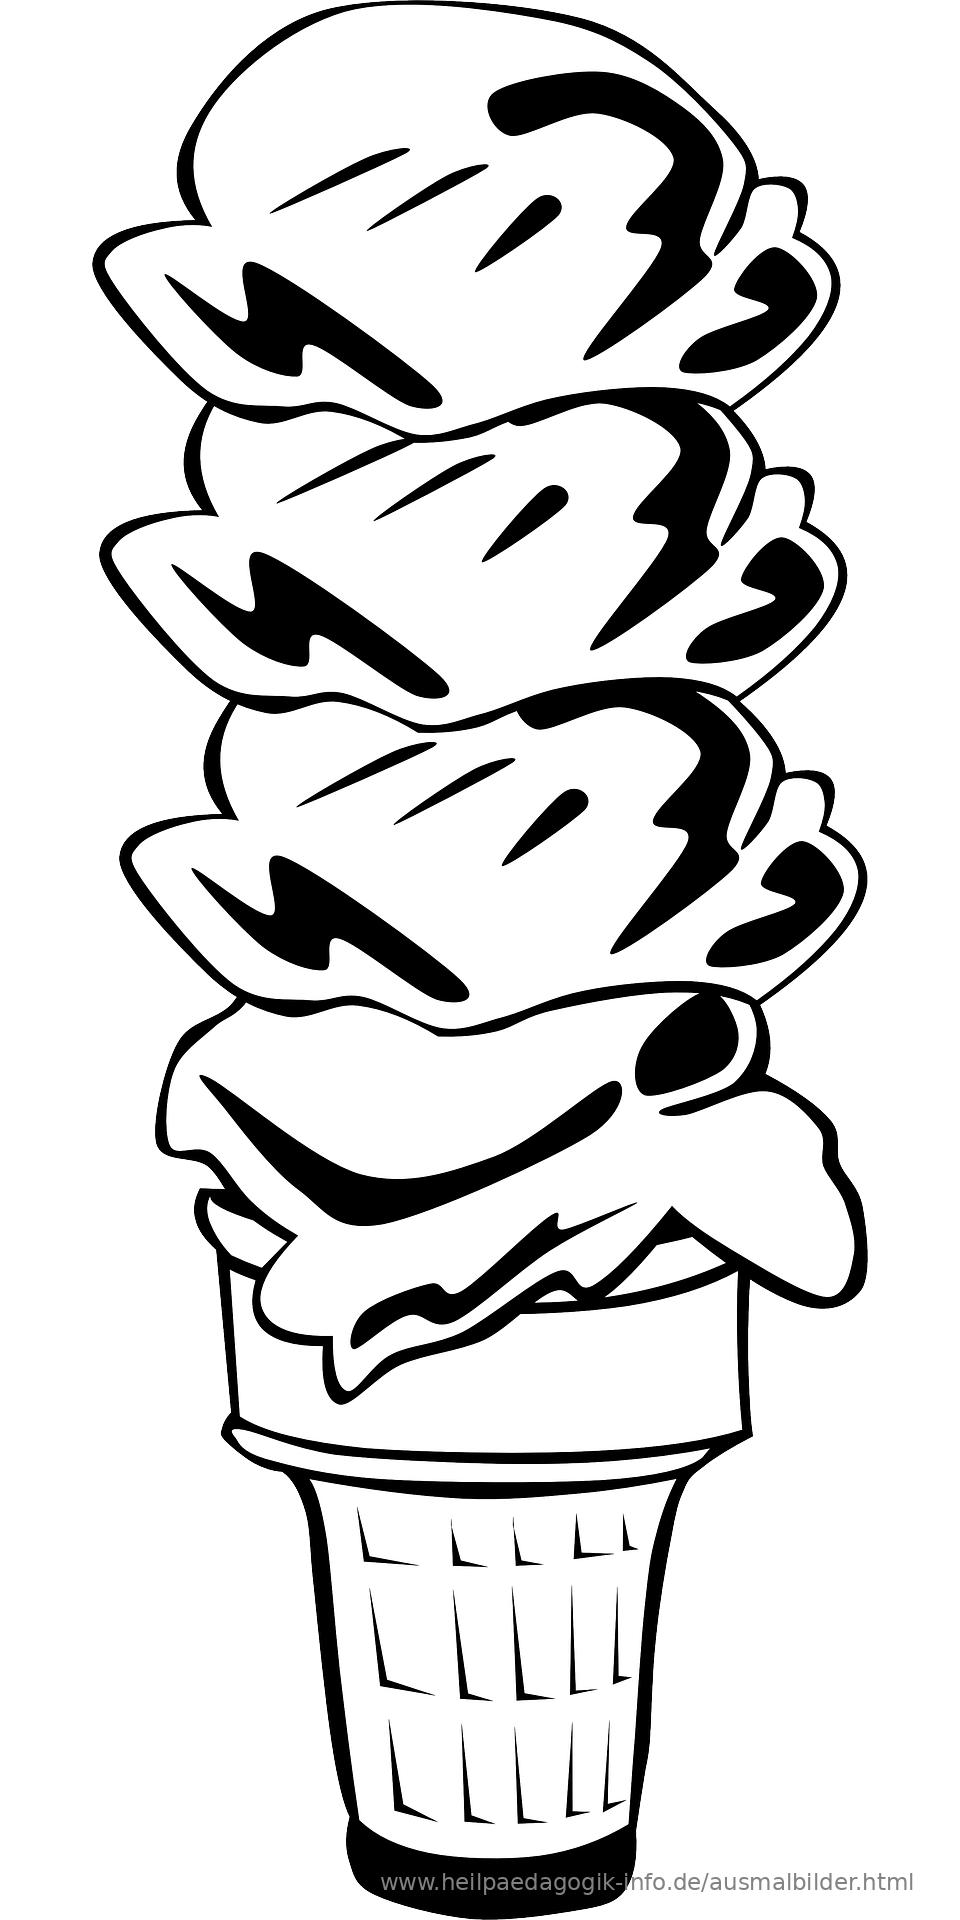 Eis Ausmalbild | heimhifi.com